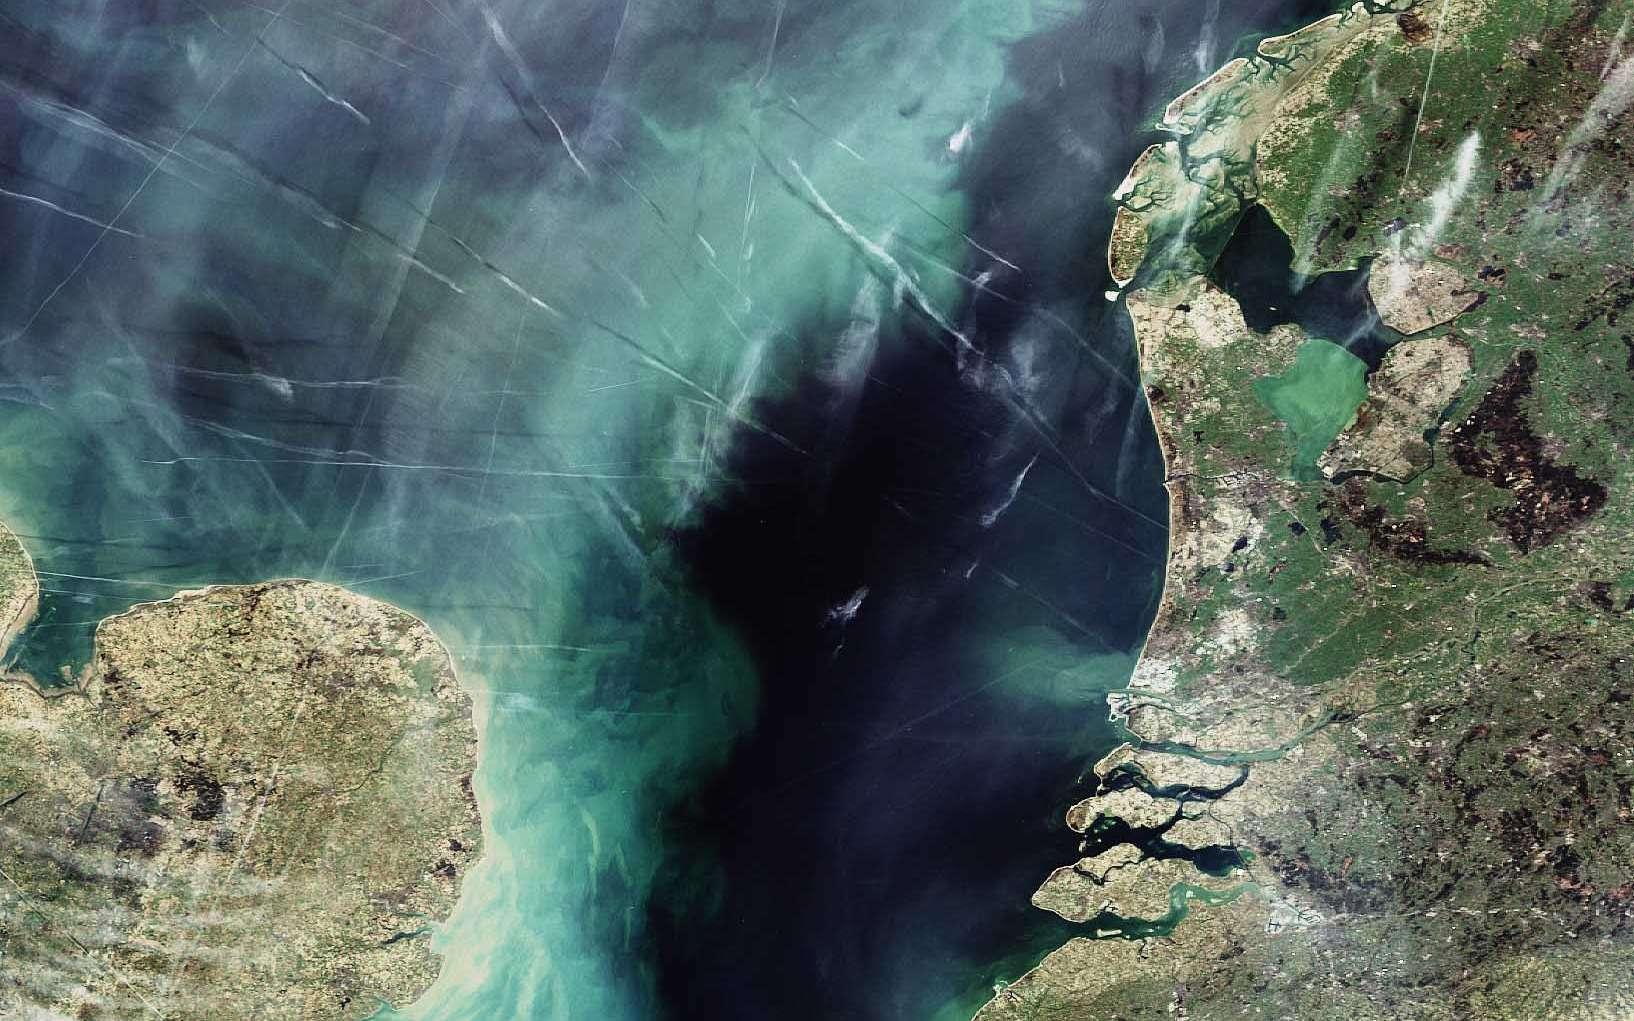 La Mer du Nord vue par Envisat. On y voit une partie des Pays-Bas (à droite), de la Belgique (en bas à droite) et de l'Angleterre (en bas à gauche). Elle laisse également apparaître de nombreuses traînées de condensation laissées par des avions. Crédit Esa/Envisat